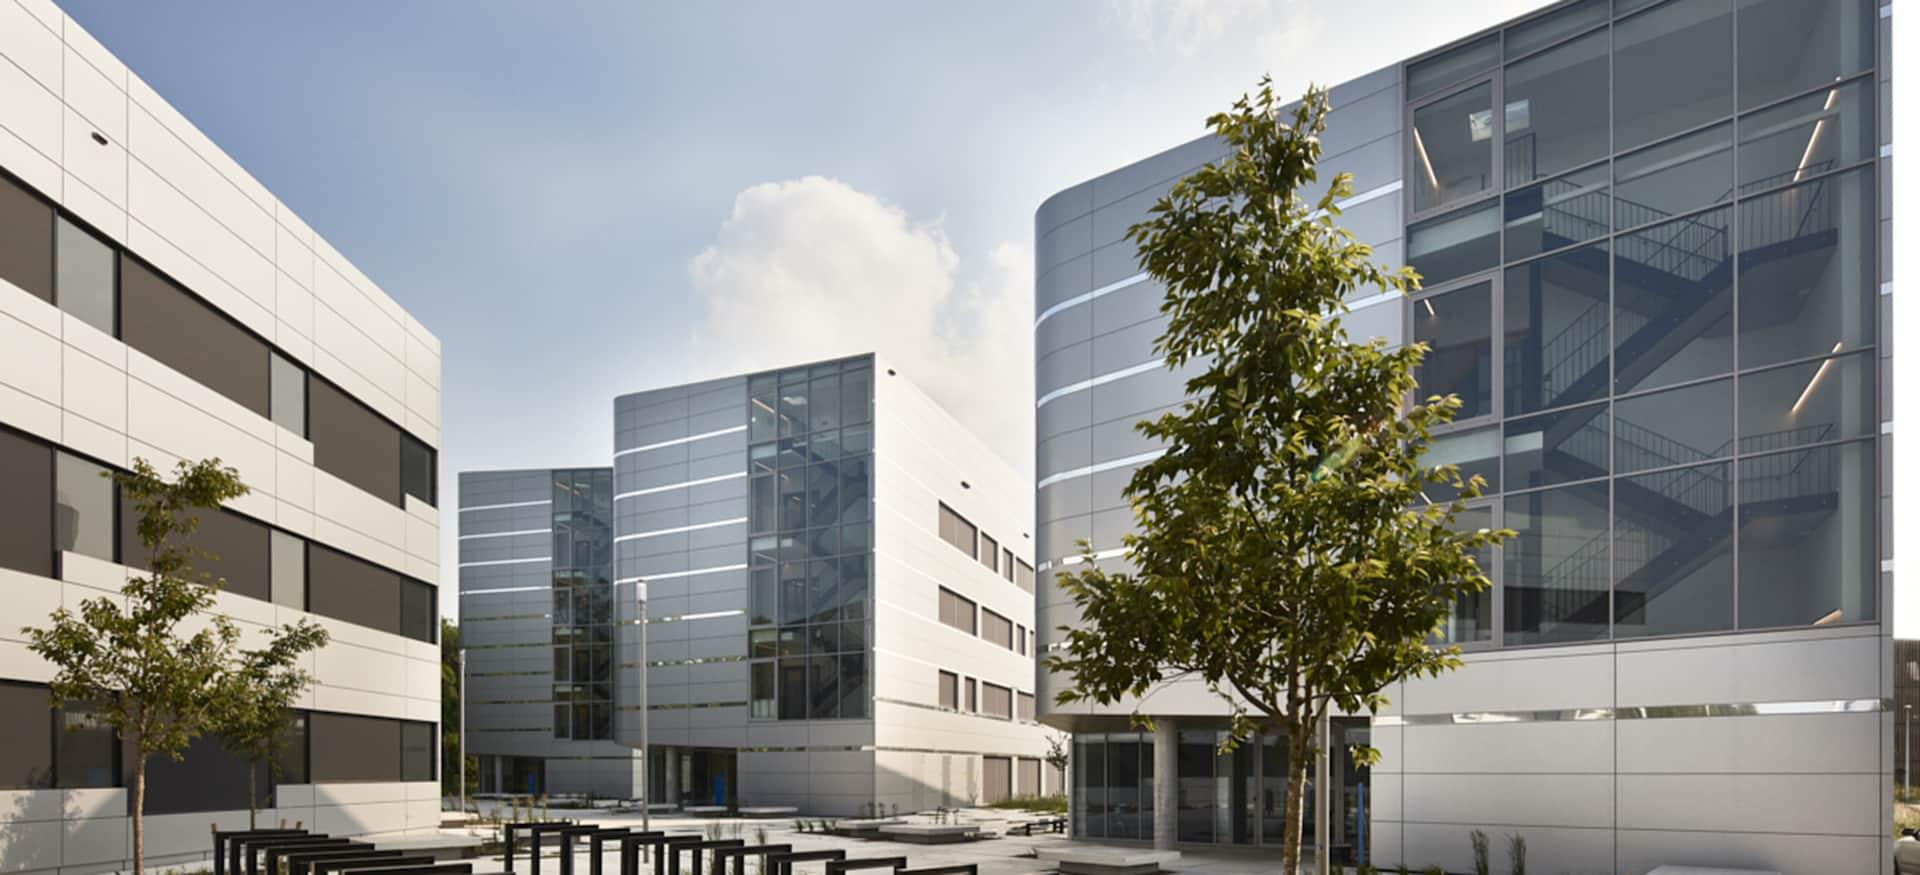 Bioscape, Zwijnaarde, Belgium